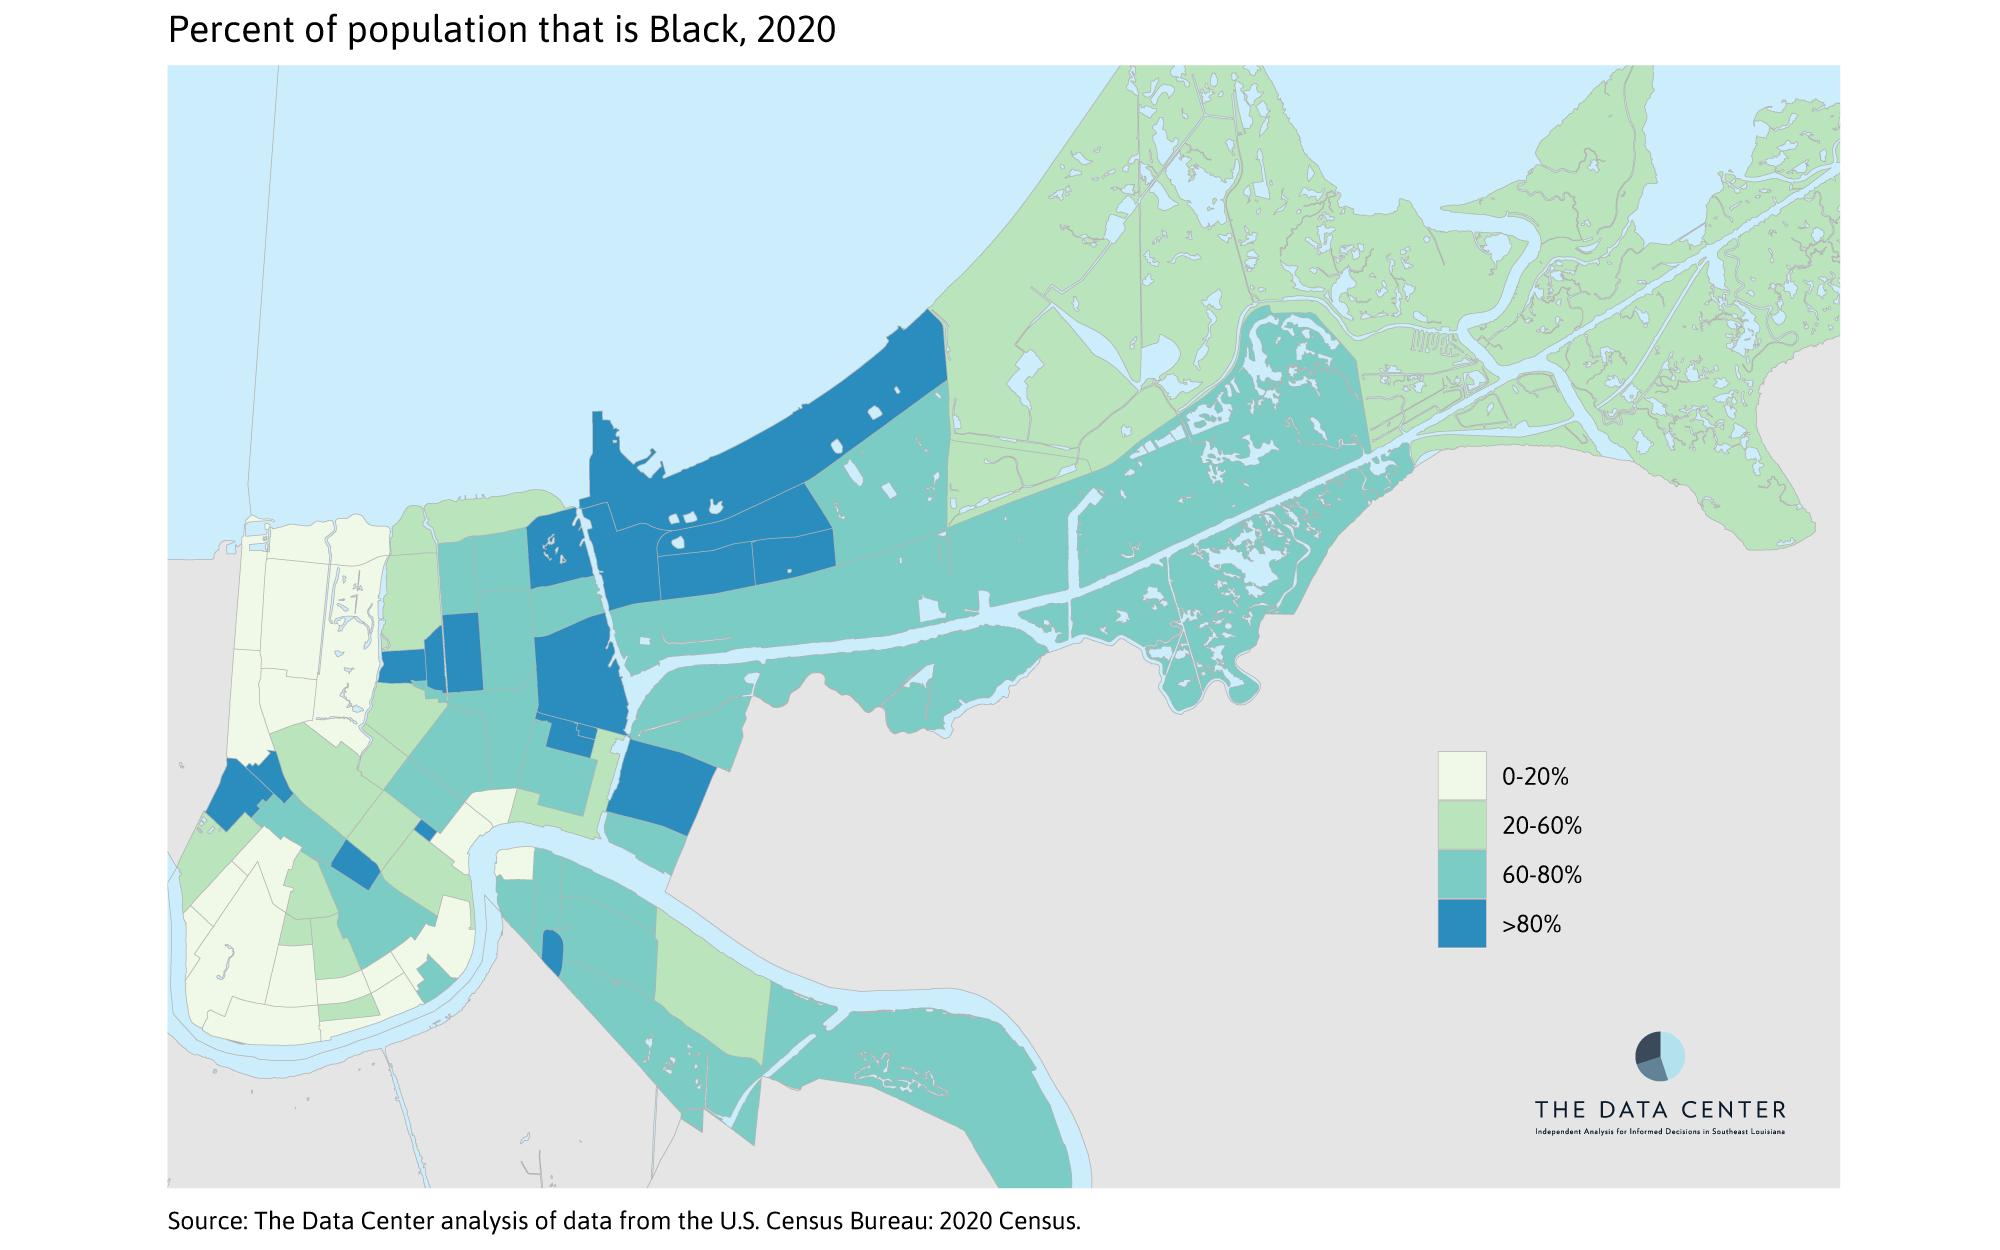 Percent Black 2020